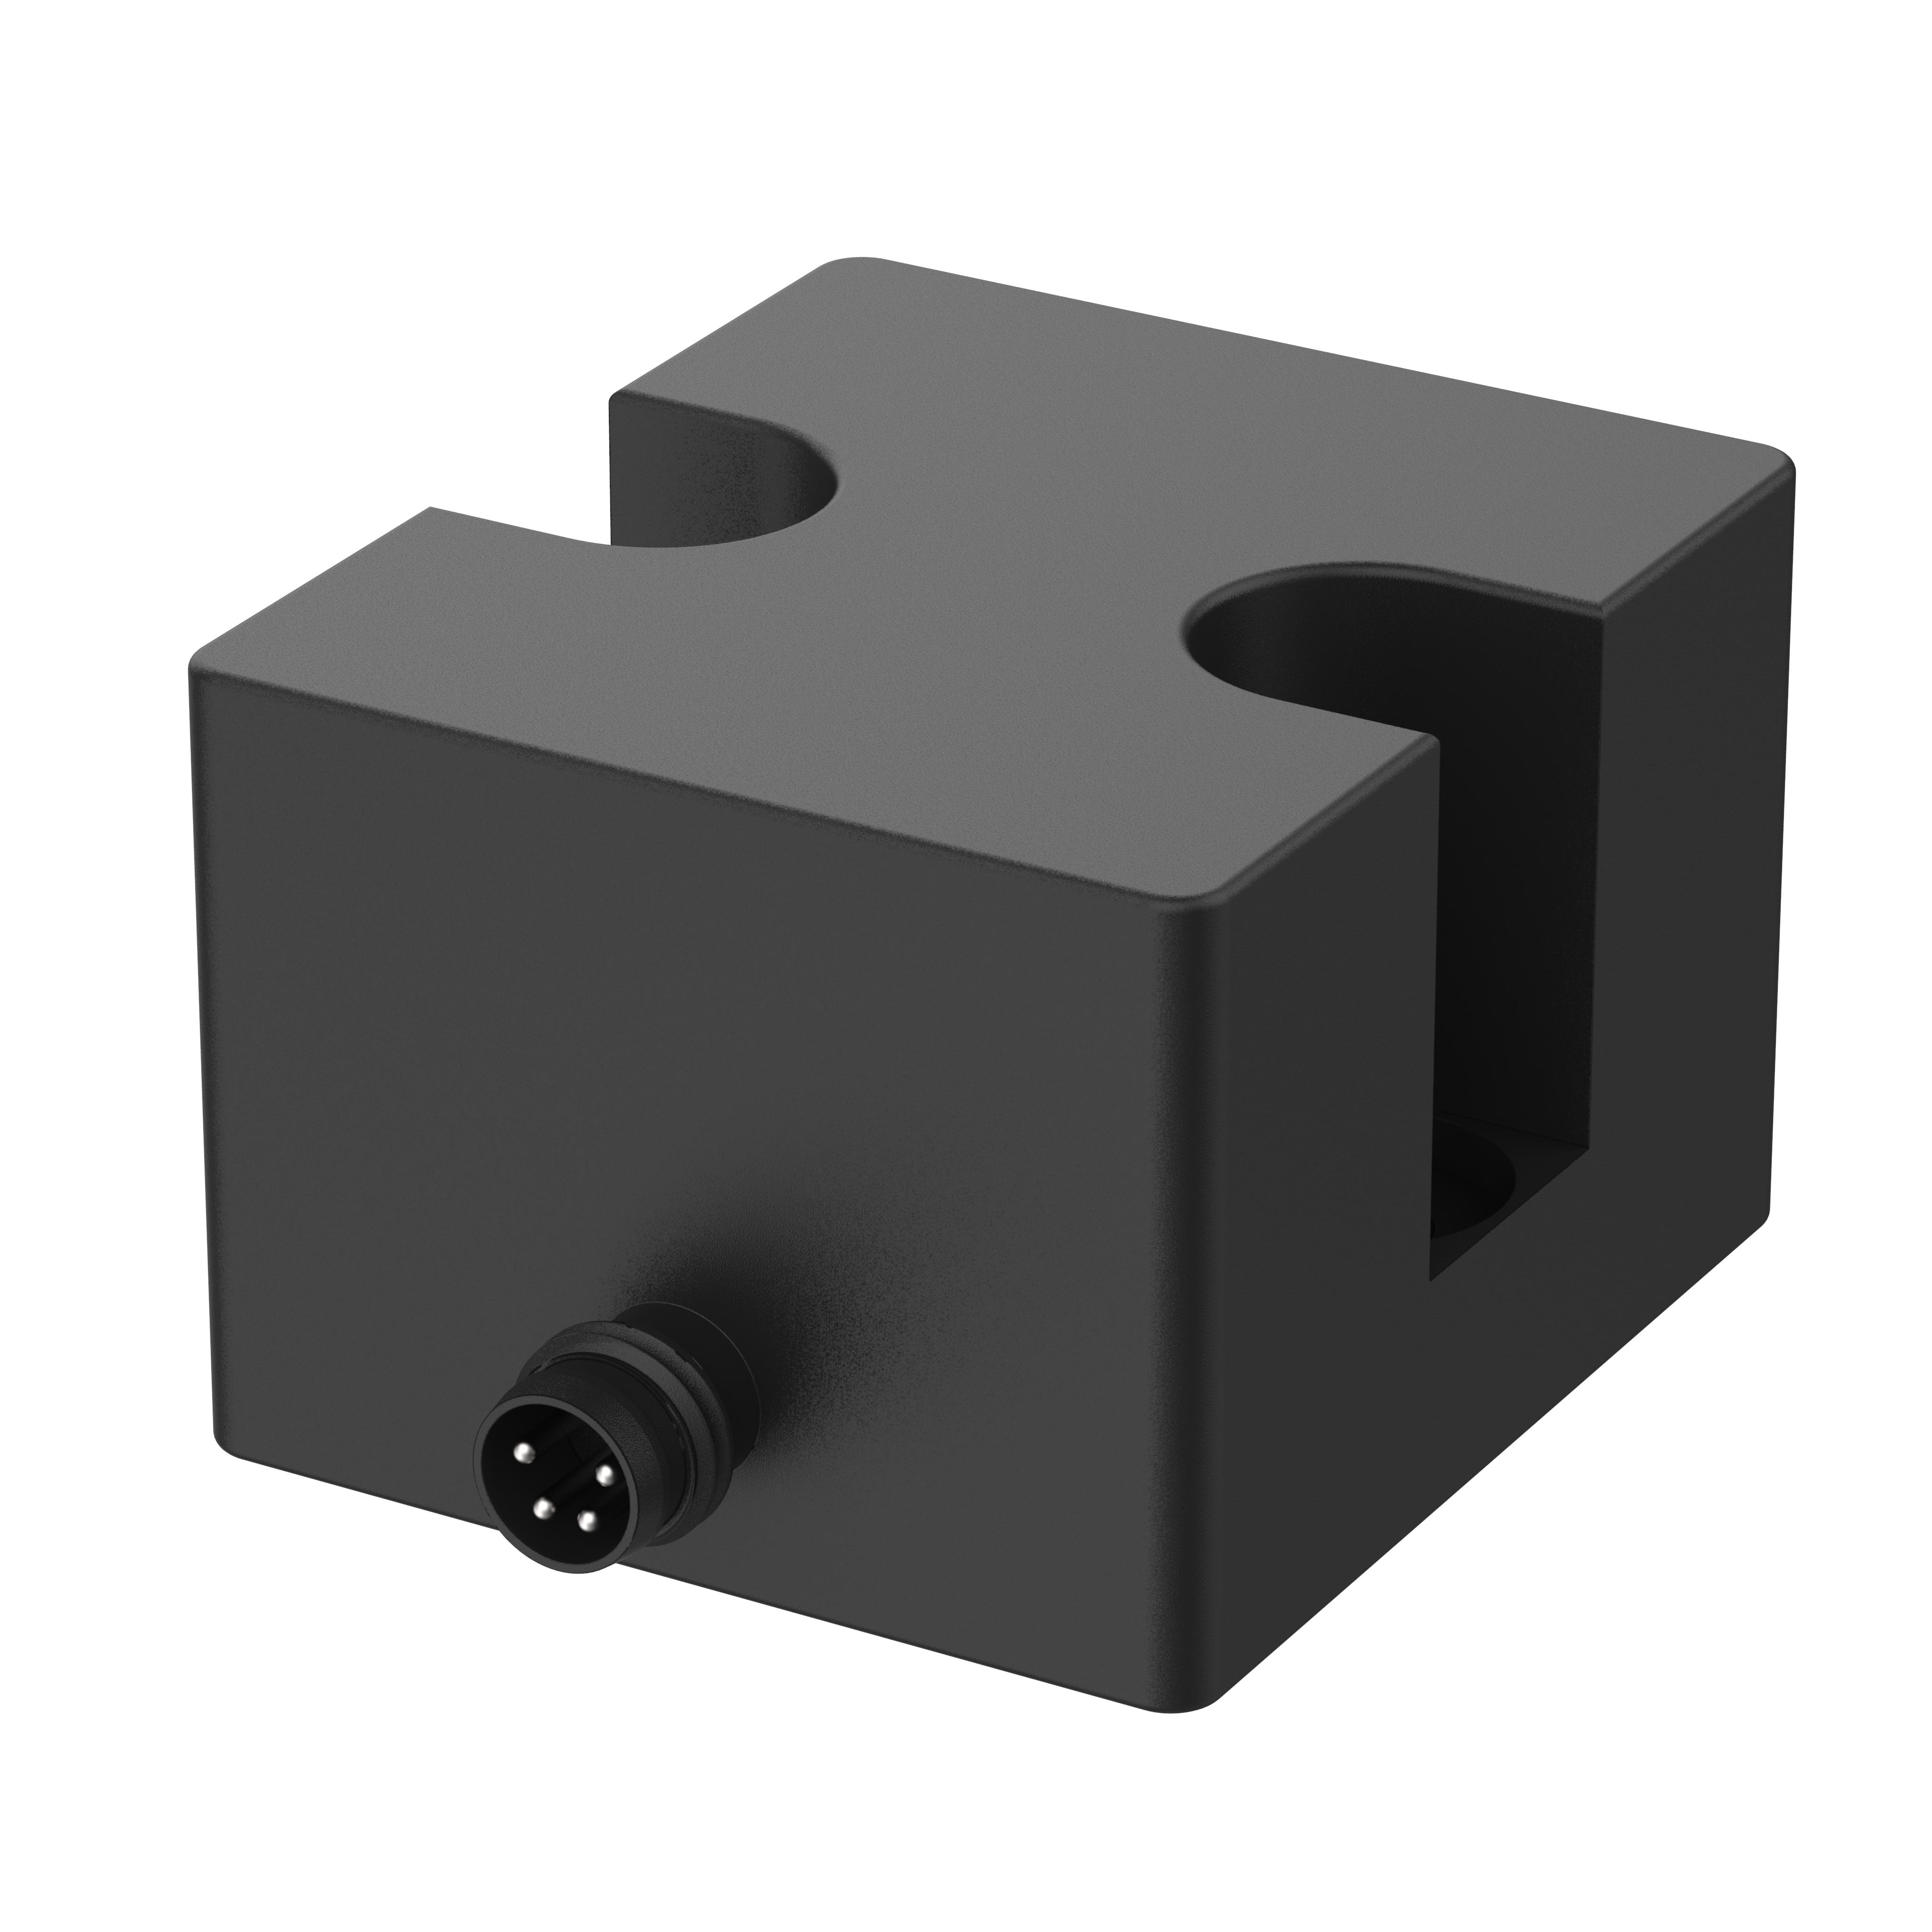 Sicherheitssensor - 161271A0E - magnetisch betätigt - Schließer/Öffner, Einbaustecker M8